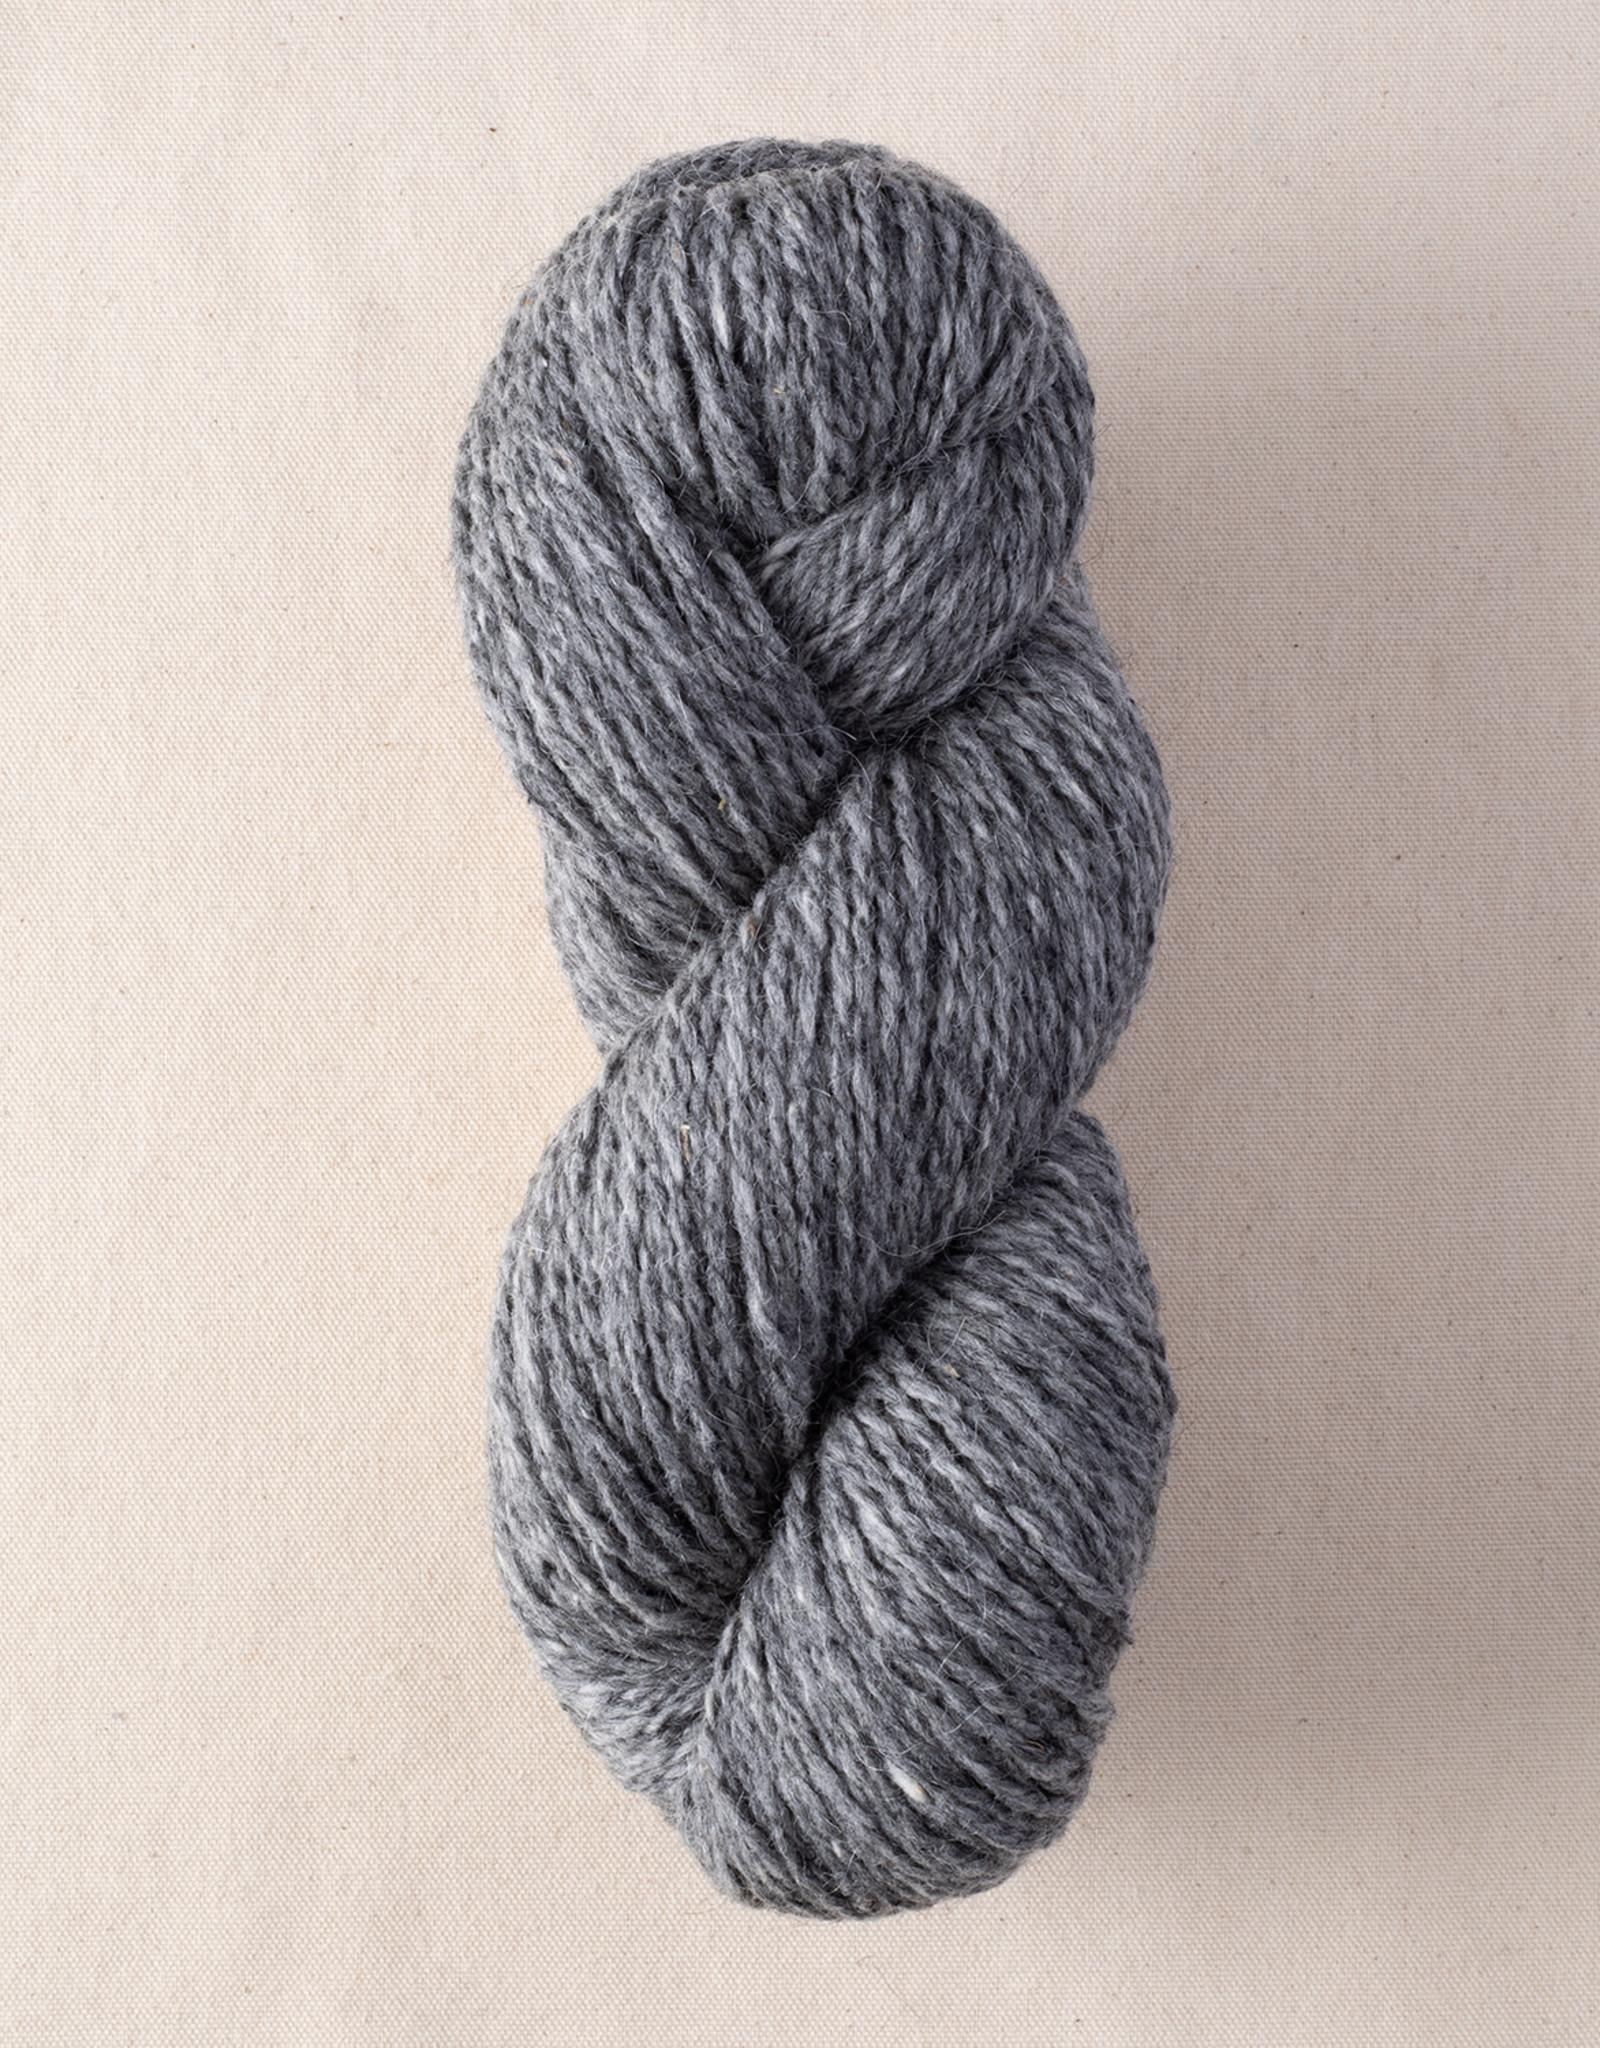 Peace Fleece Wstd 4oz 703 Rabbit Grey